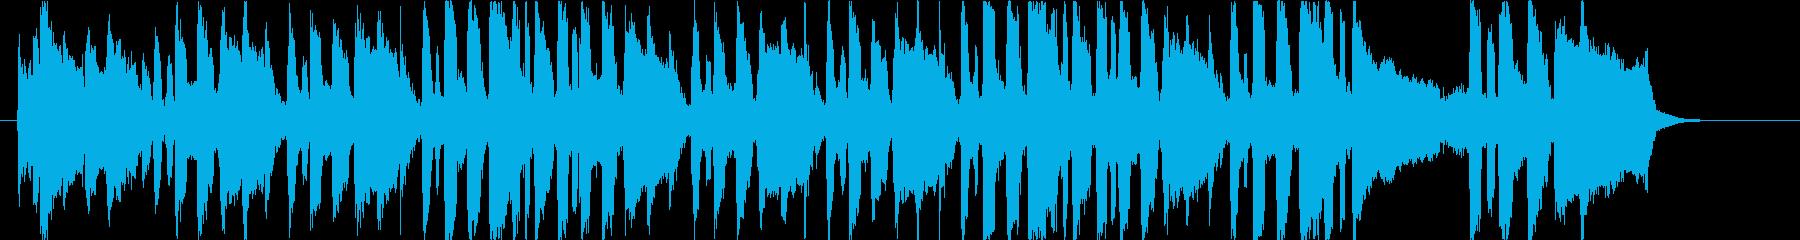 誕生日の歌(ワルツver) 【ユウト】の再生済みの波形